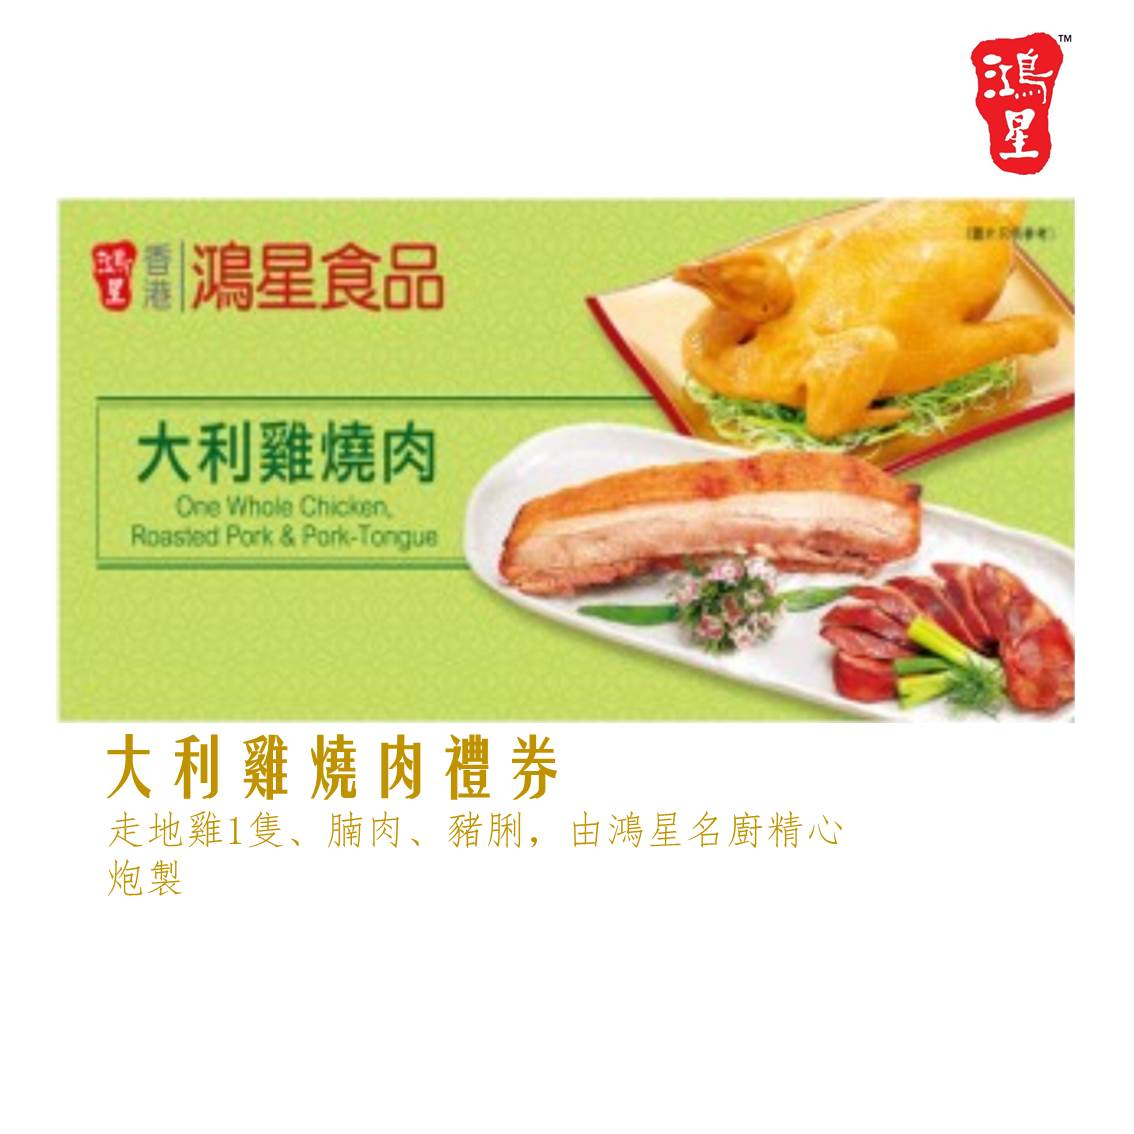 鴻星大利雞+燒肉禮券  *禮券將與其他貨品分開發貨及通知取貨